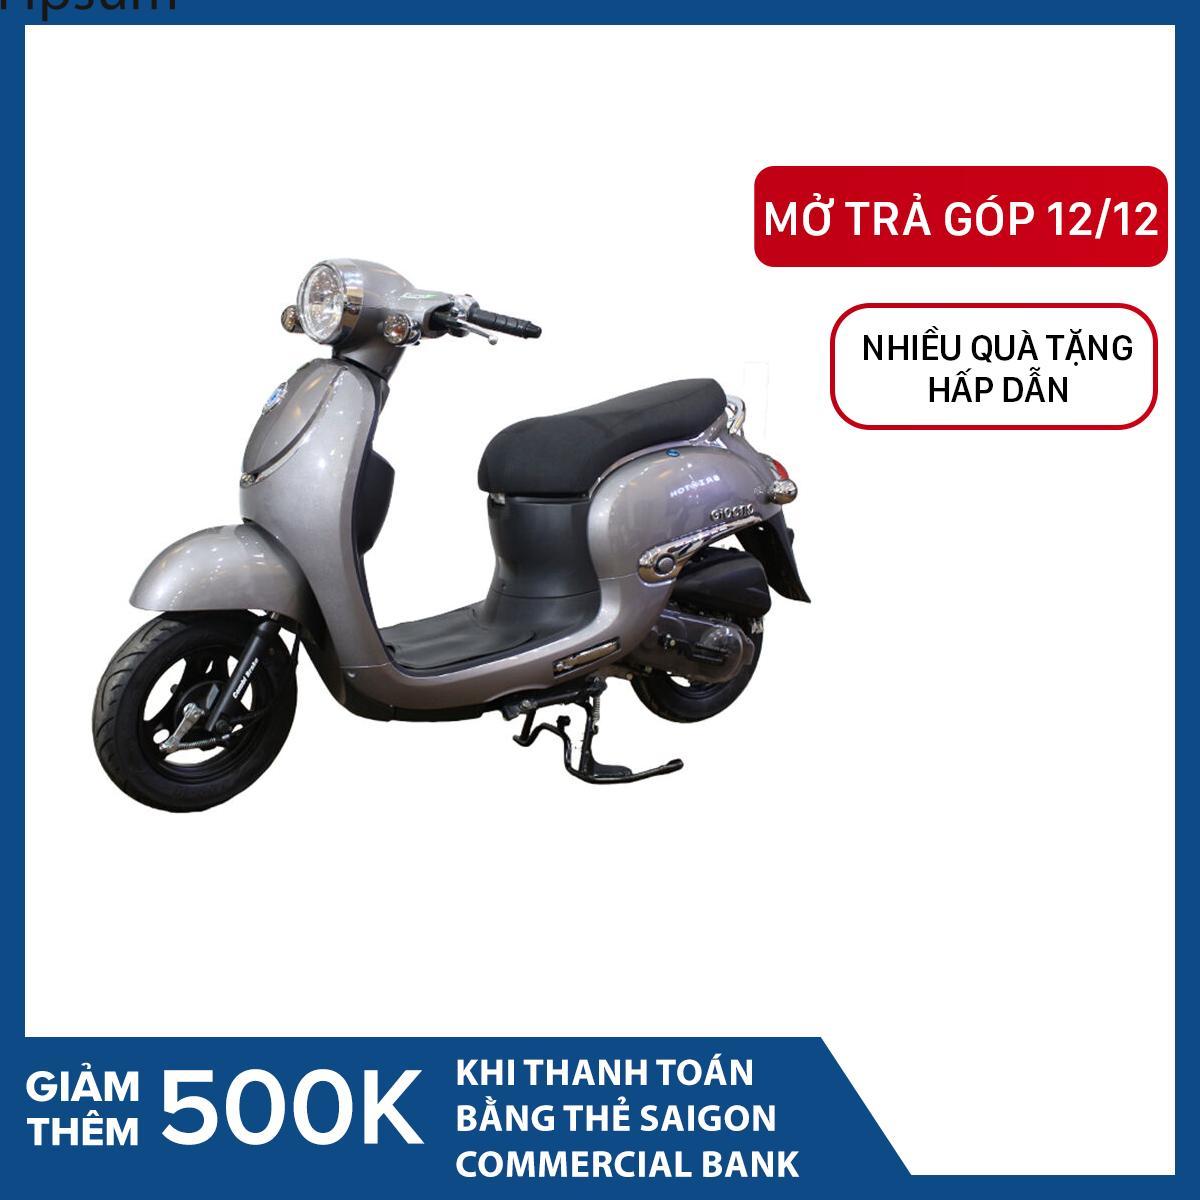 Trả góp 0% - Xe tay ga 50cc Taya Giorno Luxury (màu ghi)